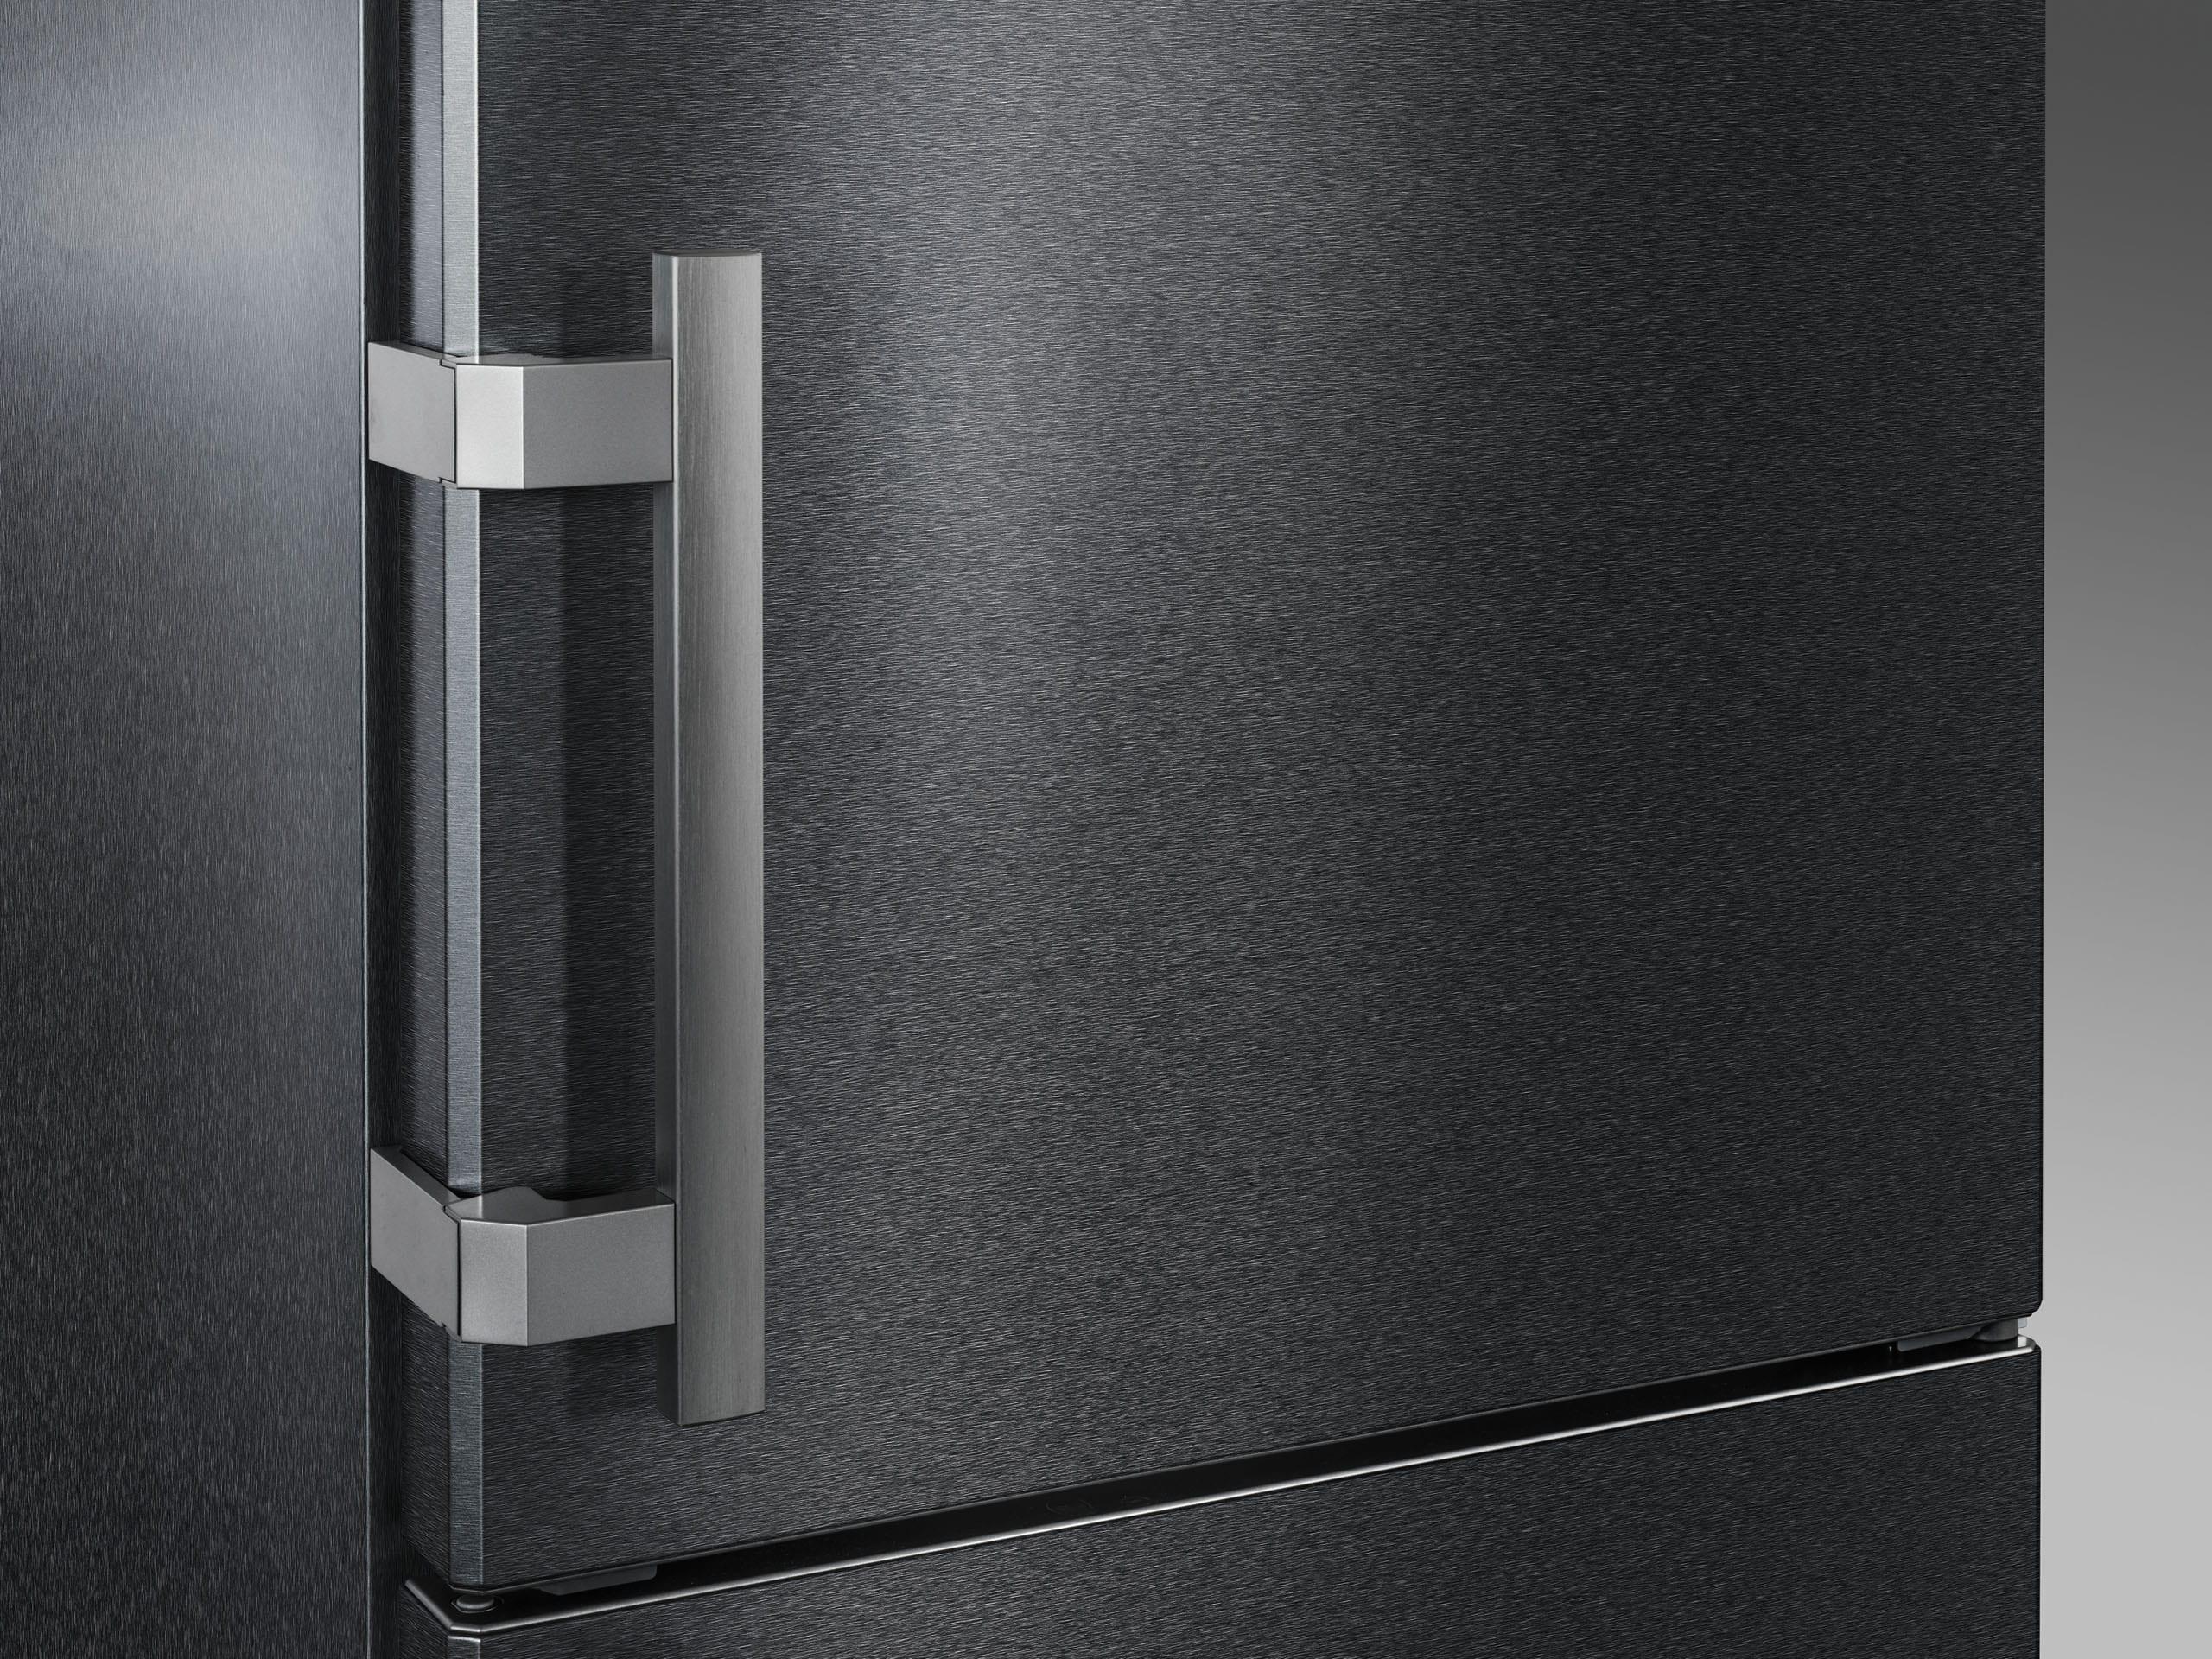 Liebherr Kühlschrank Edelstahl : Das macht blacksteel von liebherr so einzigartig liebherr freshmag